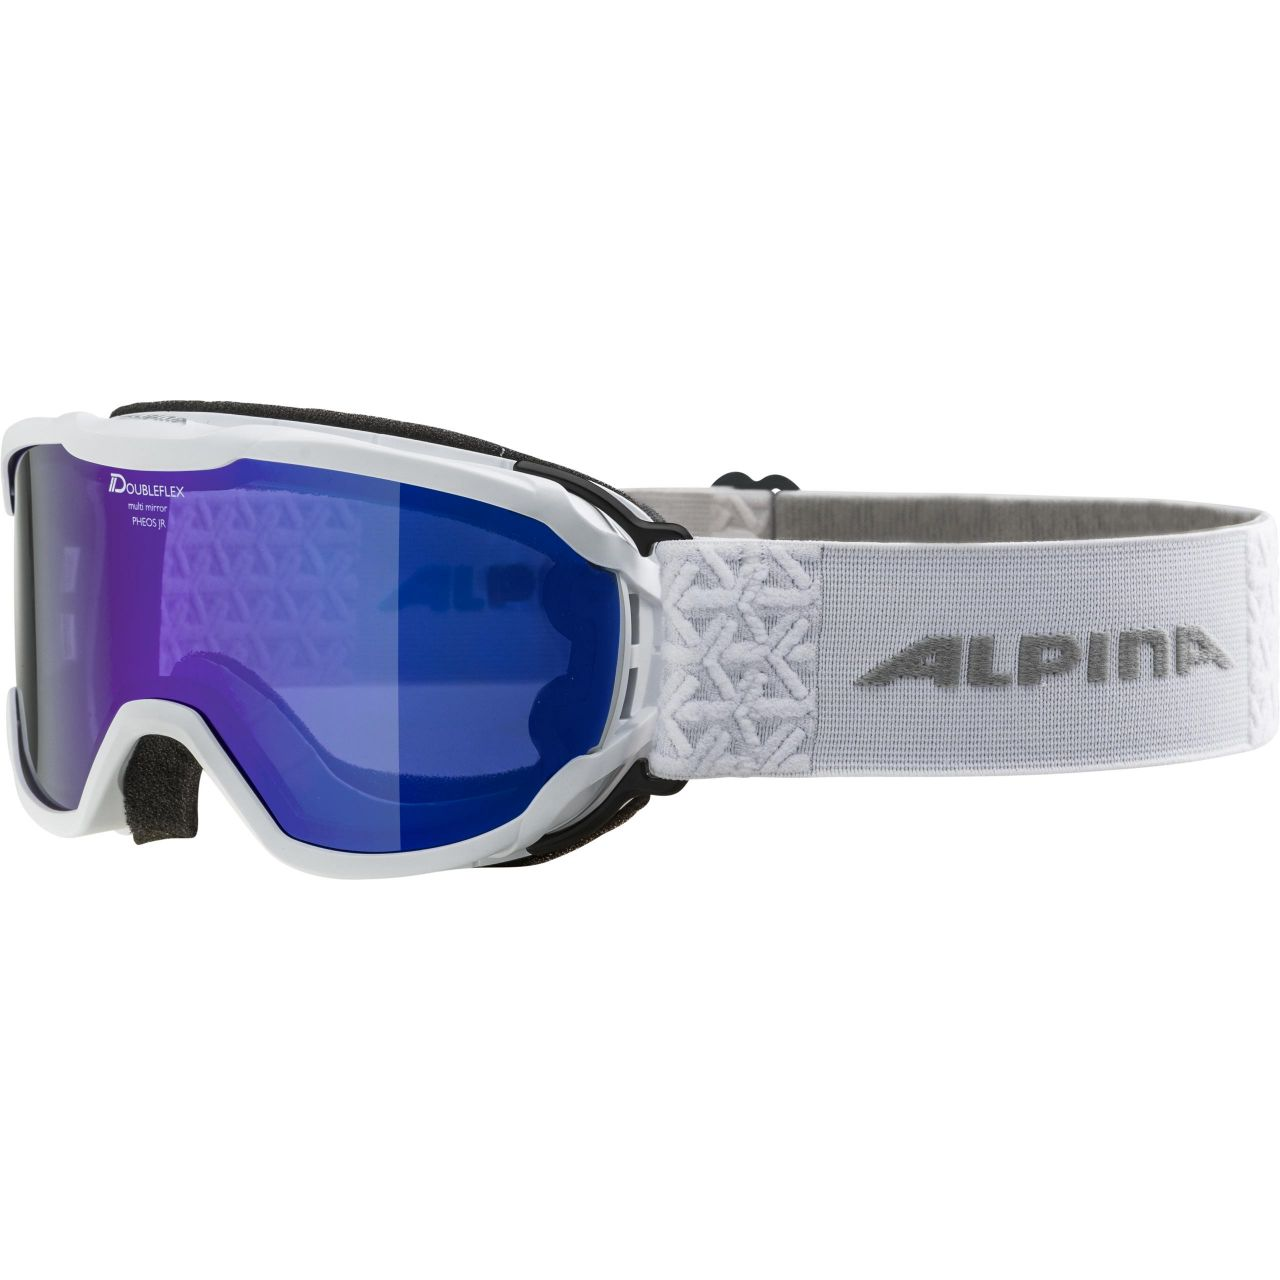 Levně Alpina brýle L A PHEOS JR 18/19 white/blue